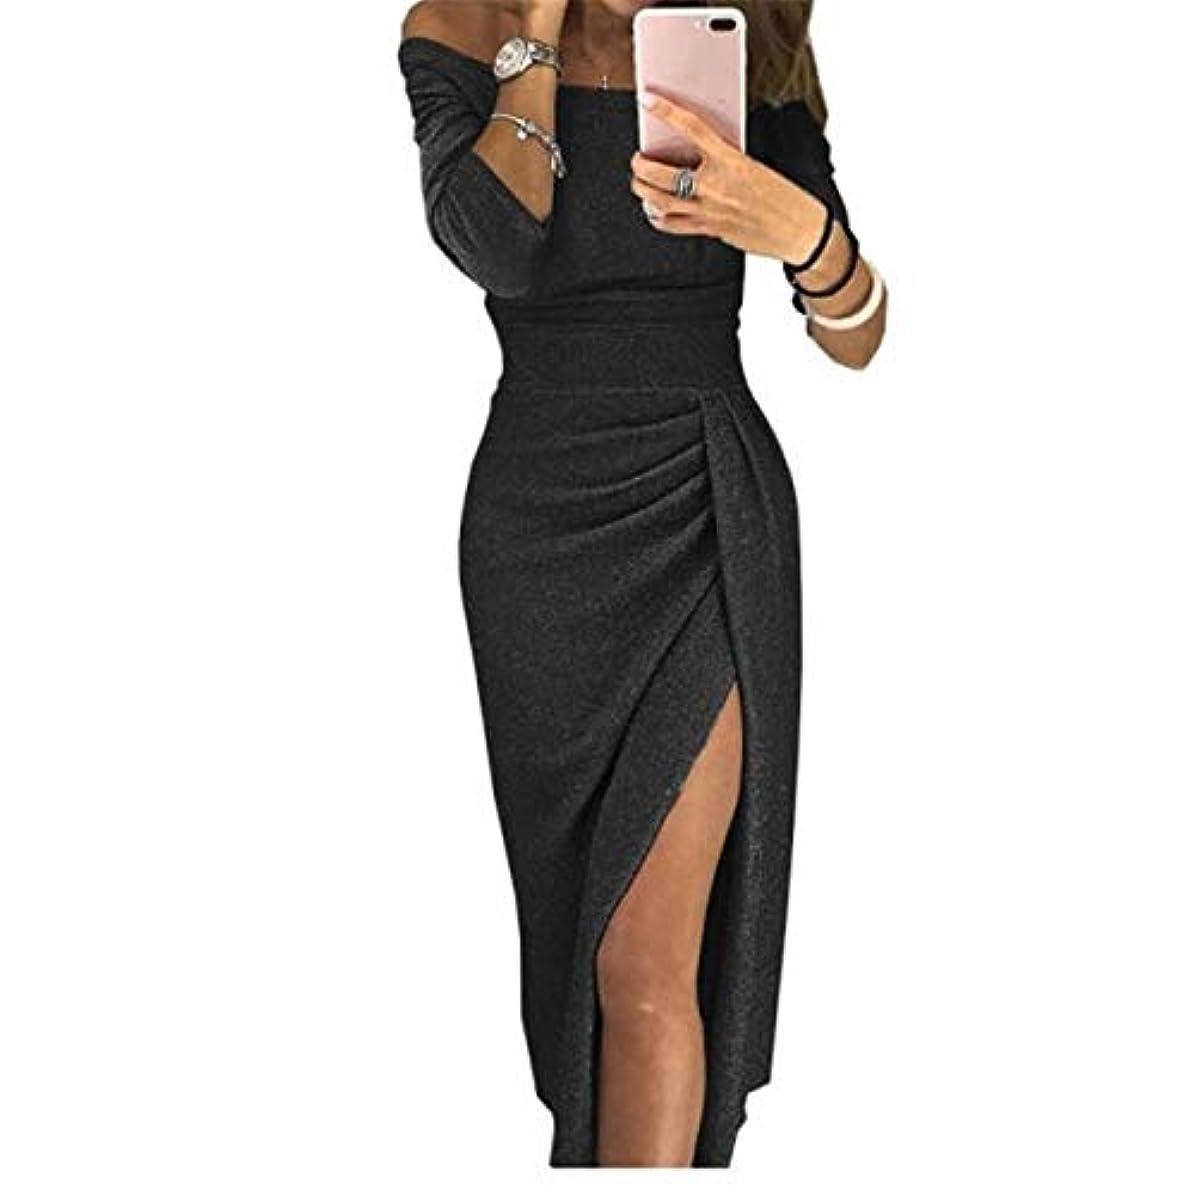 近似衝突コース図Onderroa - 夏の女性のドレスはネックパッケージヒップスプリットセクシーなスパンコールのドレスレディース包帯パーティーナイトクラブミッドカーフ服装スラッシュ